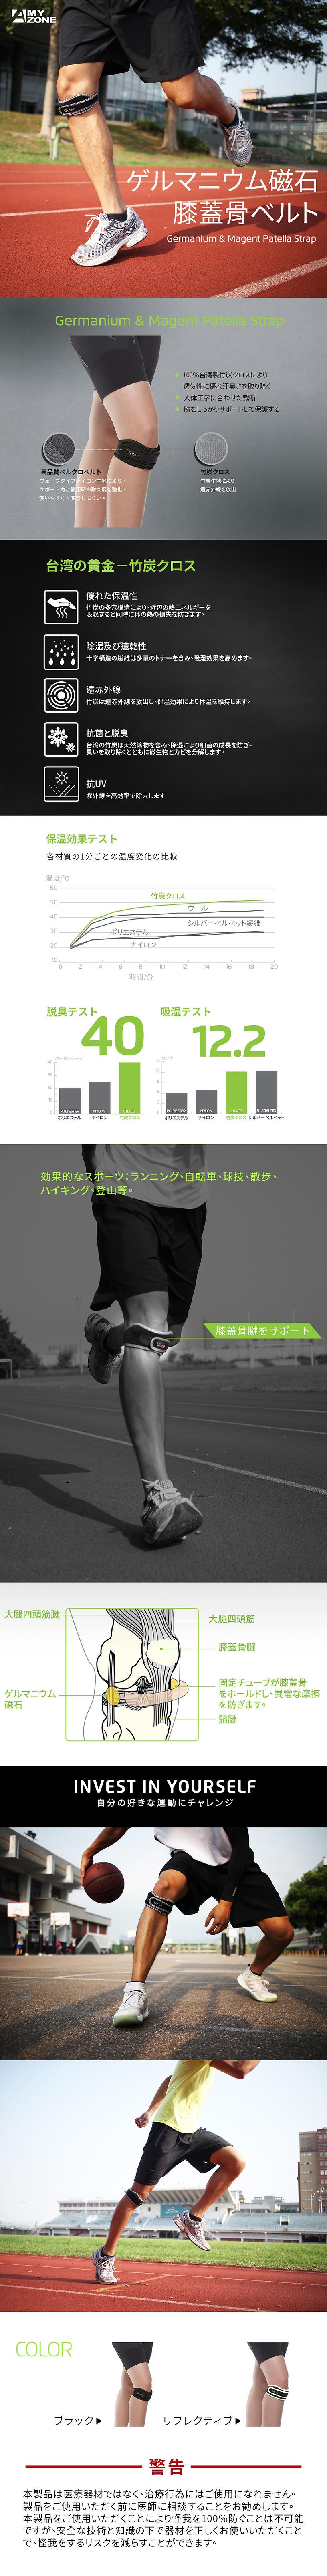 ひざサポーター, 膝サポーター, サポーター 膝用, 関節の保護, 足サポーター, 足サポート, ヒザ サポート, アーチサポート, 抗菌防臭, 竹炭ファイバー サポーター,